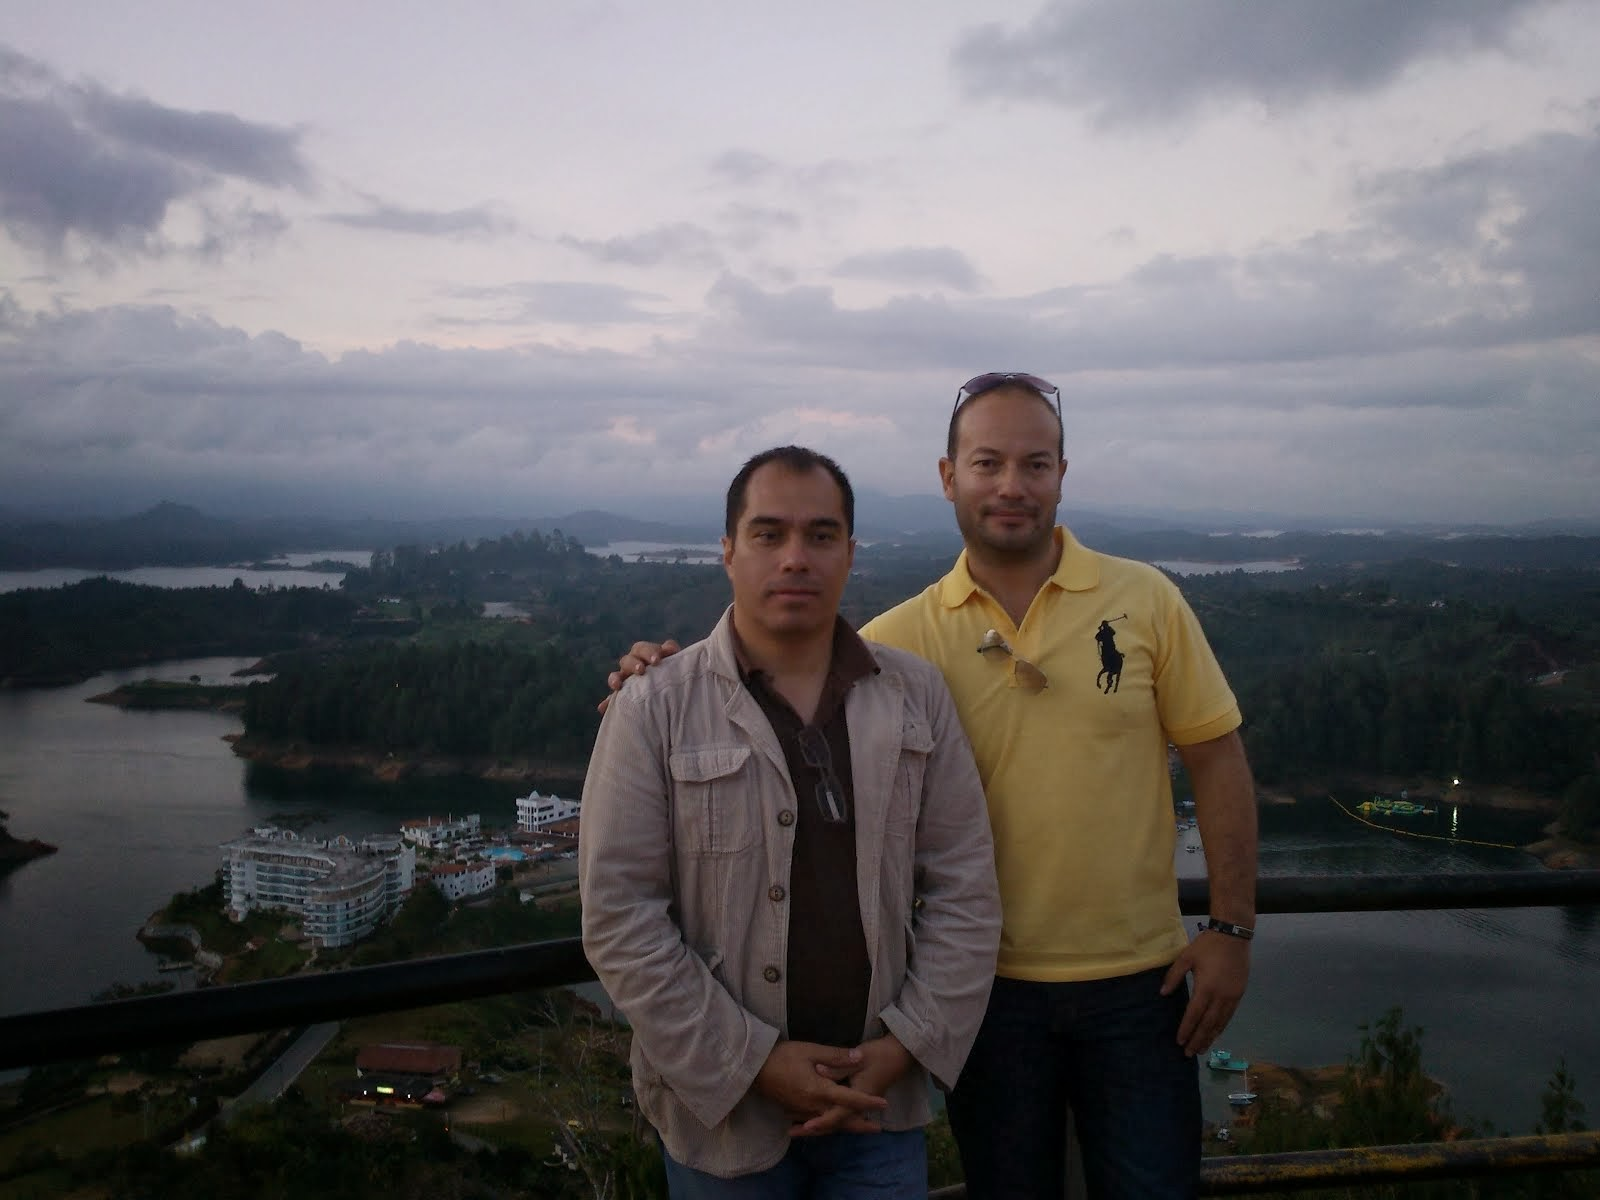 Encuentro de amigos en El Peñol. Antioquia. 2014